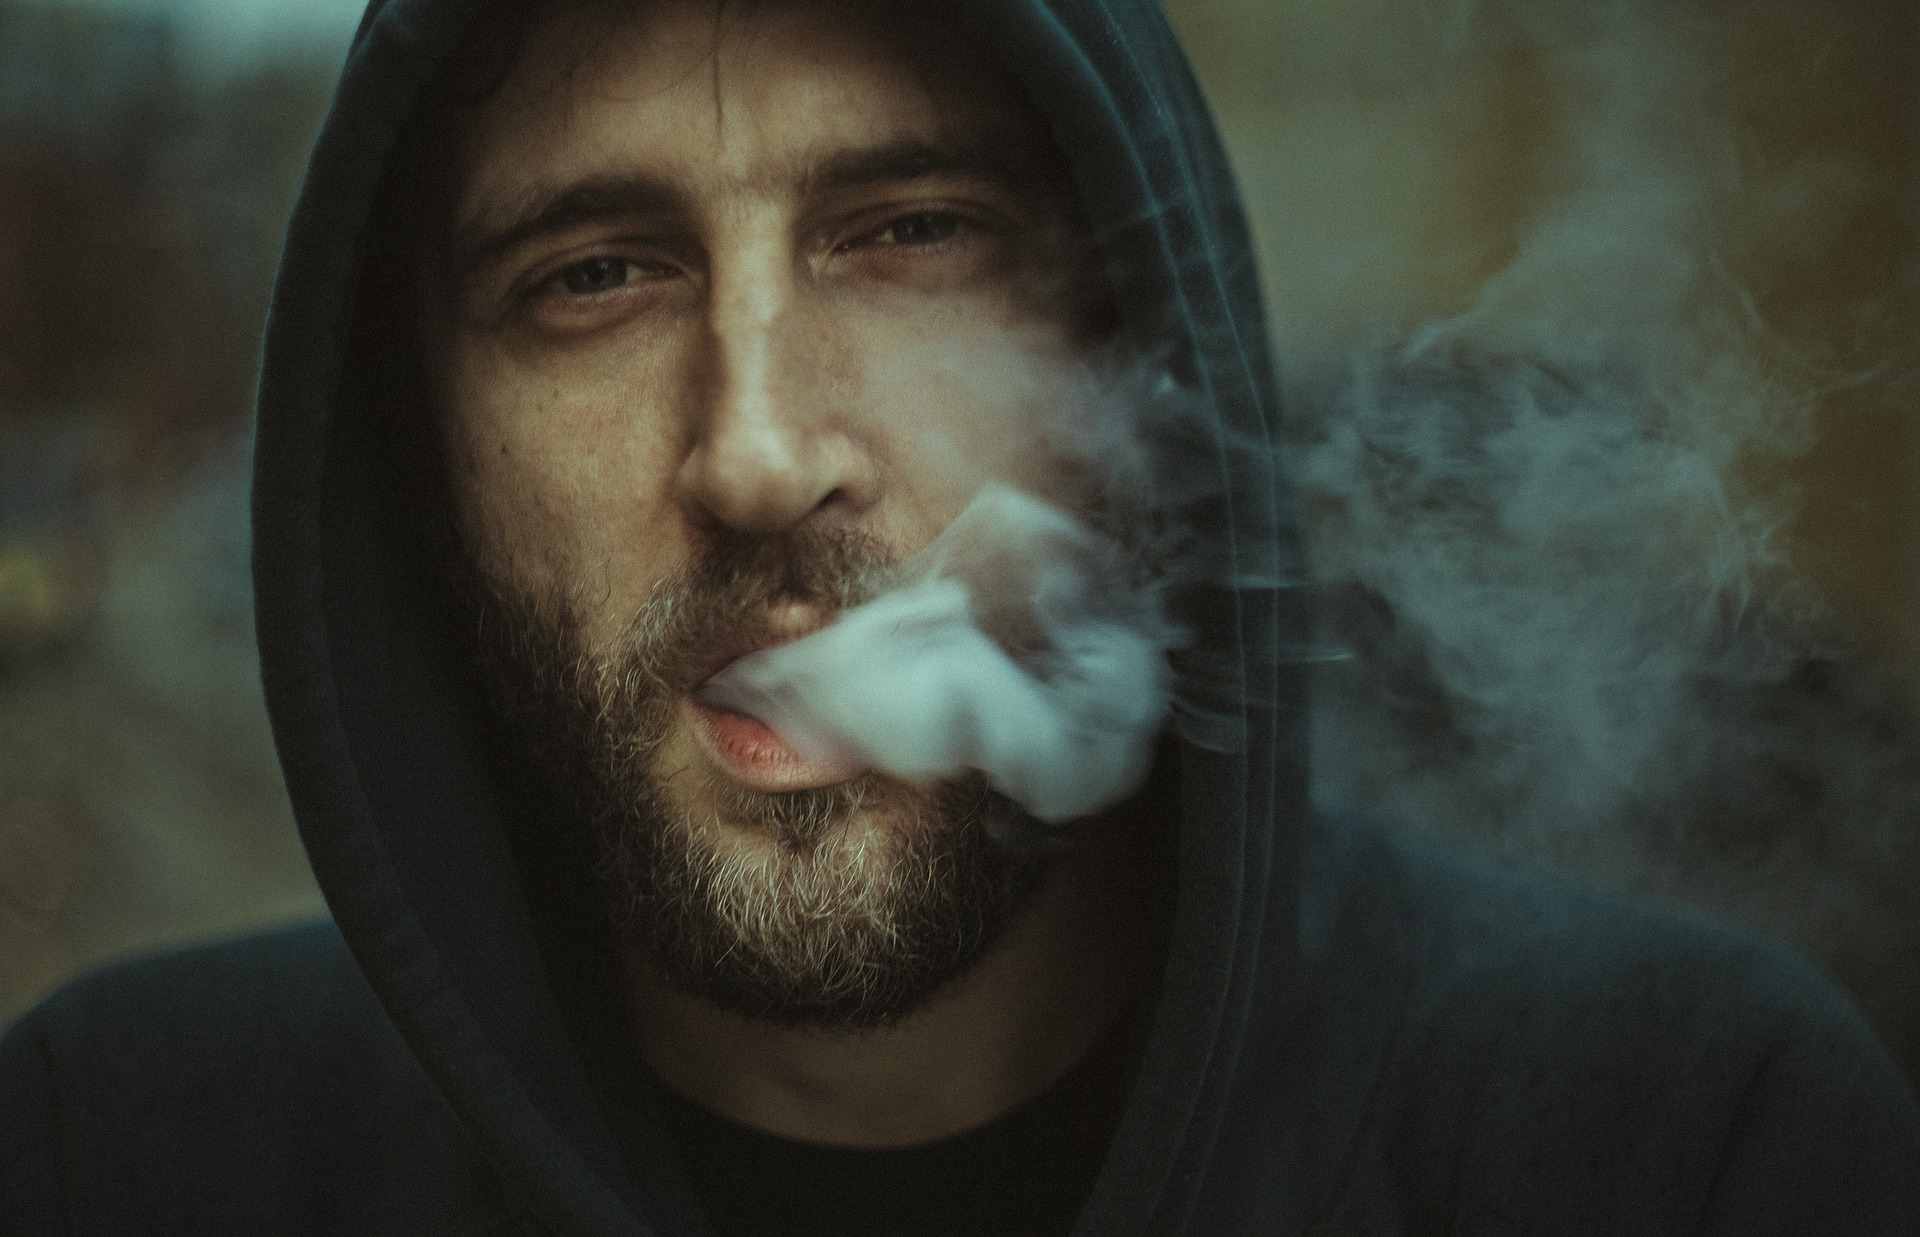 Rūkimas daugiabučiuose namuose gyvenantiems žmonėms vis dar didelė problema, kuriai spręsti nepakanka įstatymuose nurodytų būdų